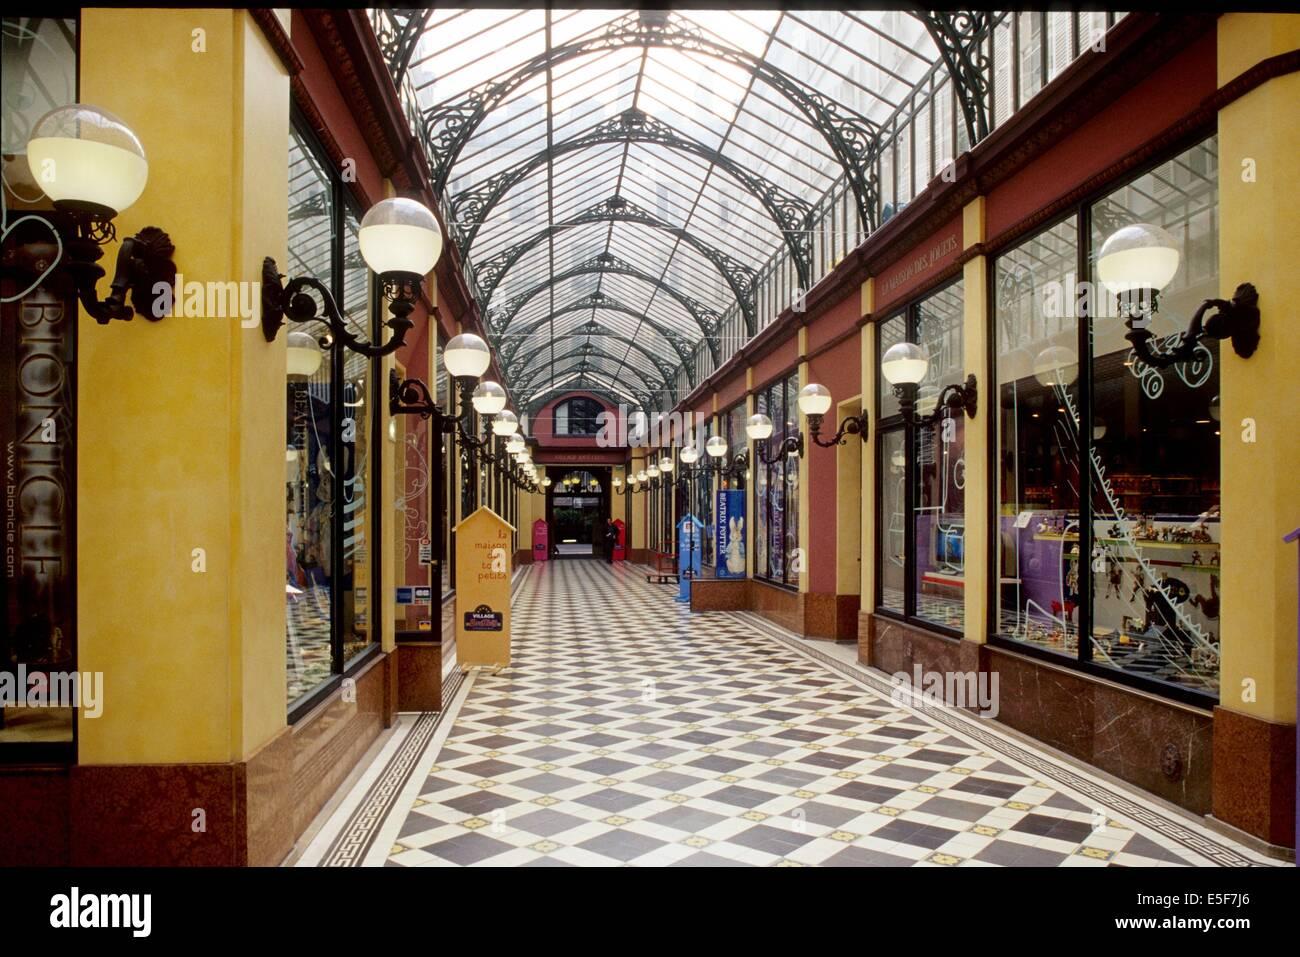 Passage des Princes, Paris - Stock Image